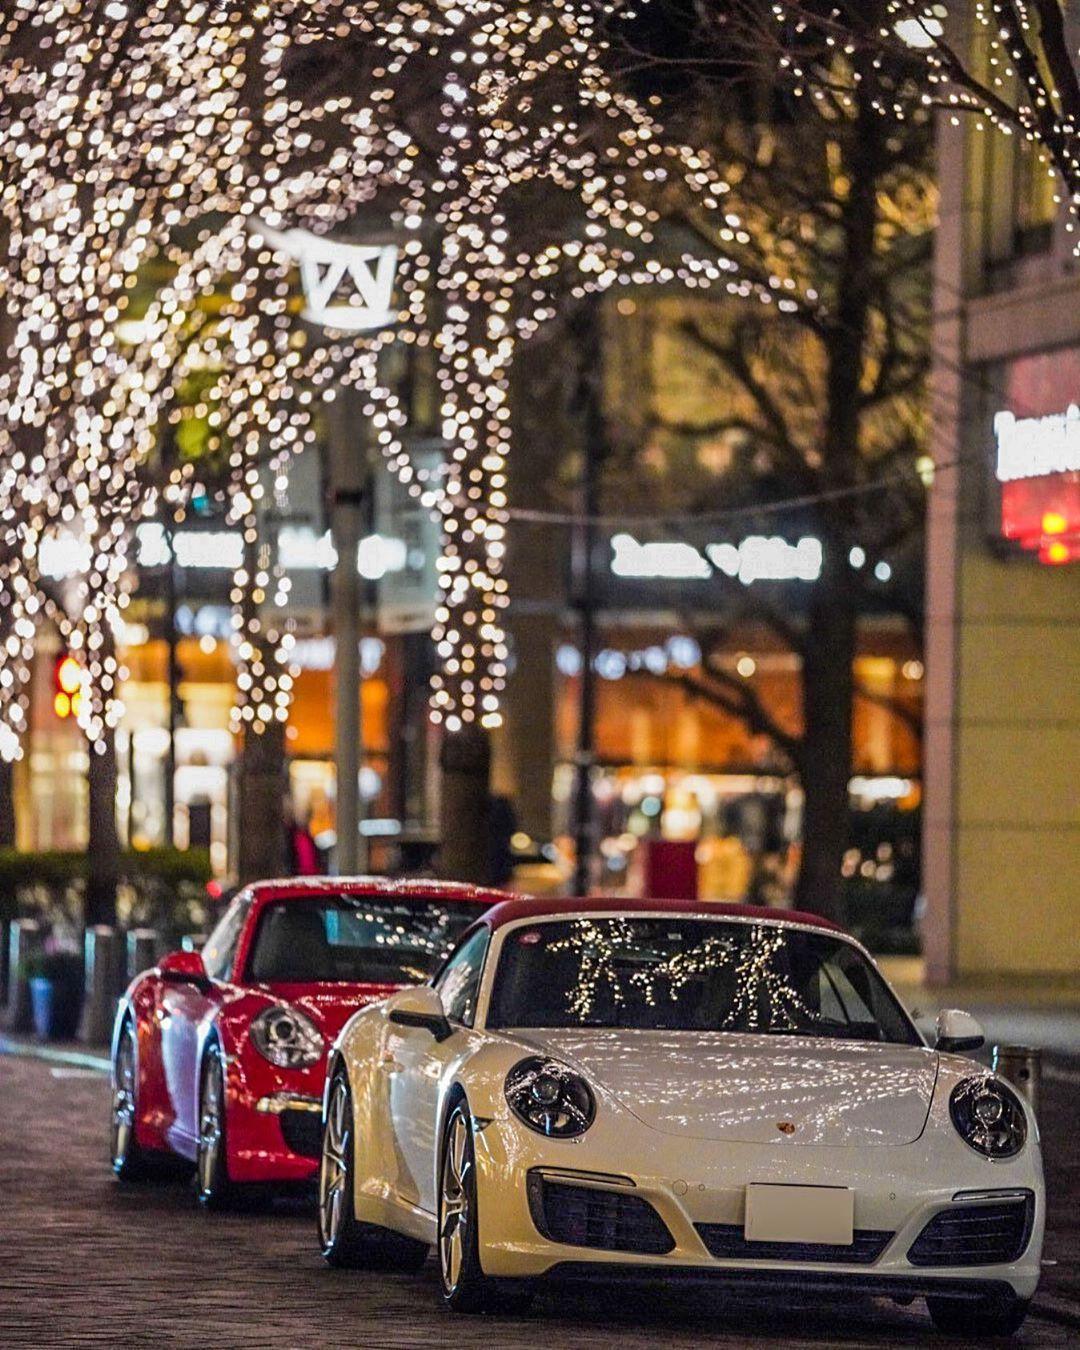 Hello Justfeelinはinstagramを利用しています 紅白991でイルミネーション 丸の内イルミネーション 車のある風景 車の写真が好きな人と繋がりたい 車好きな人と繋がりたい フォトジェニック ファインダー越しの私の世界 Porsche ポルシェ Porshecarrer